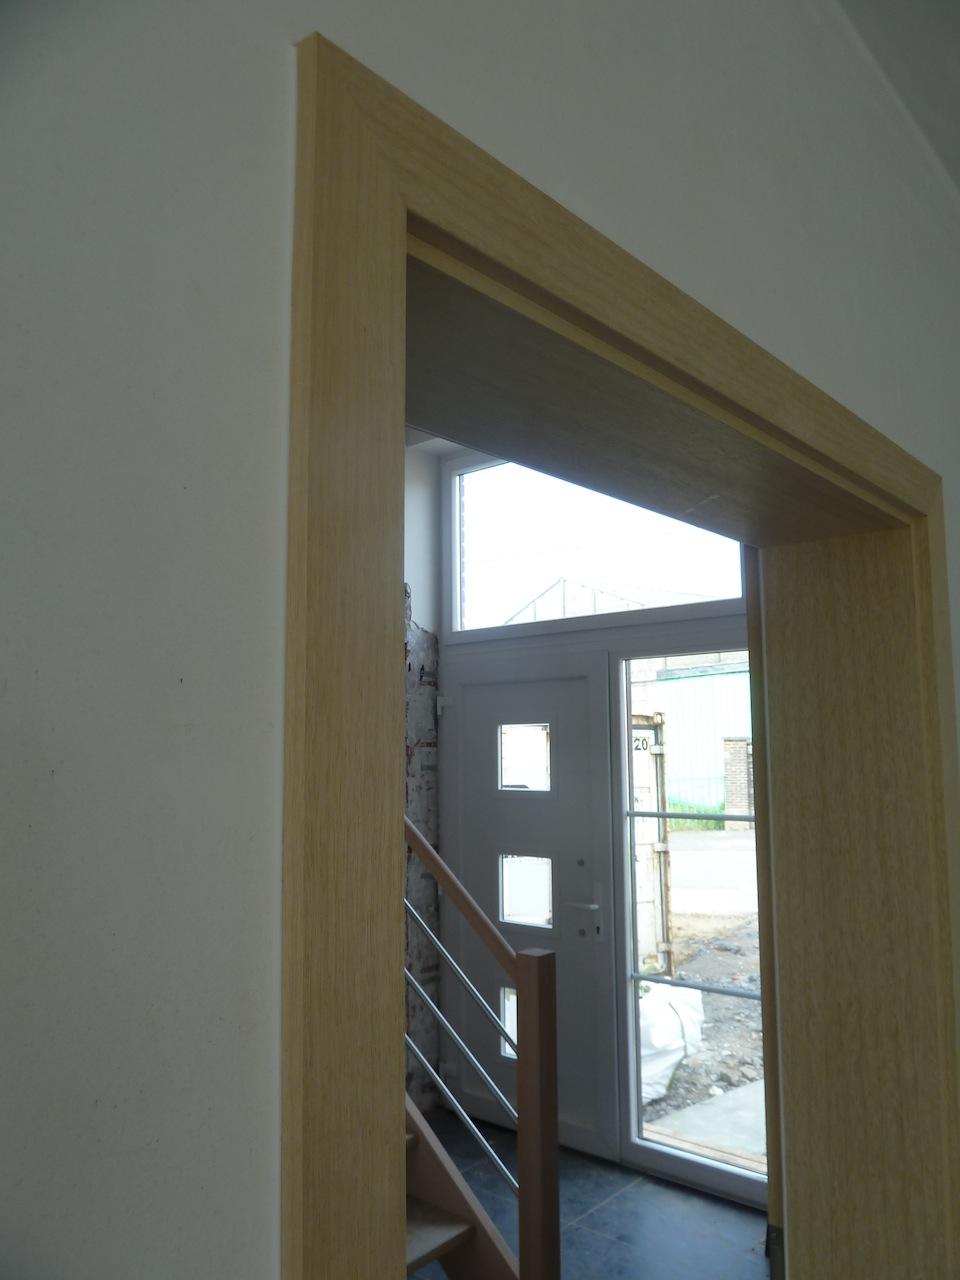 La construction de notre maison la porte d 39 entr e for Chambranle de la porte